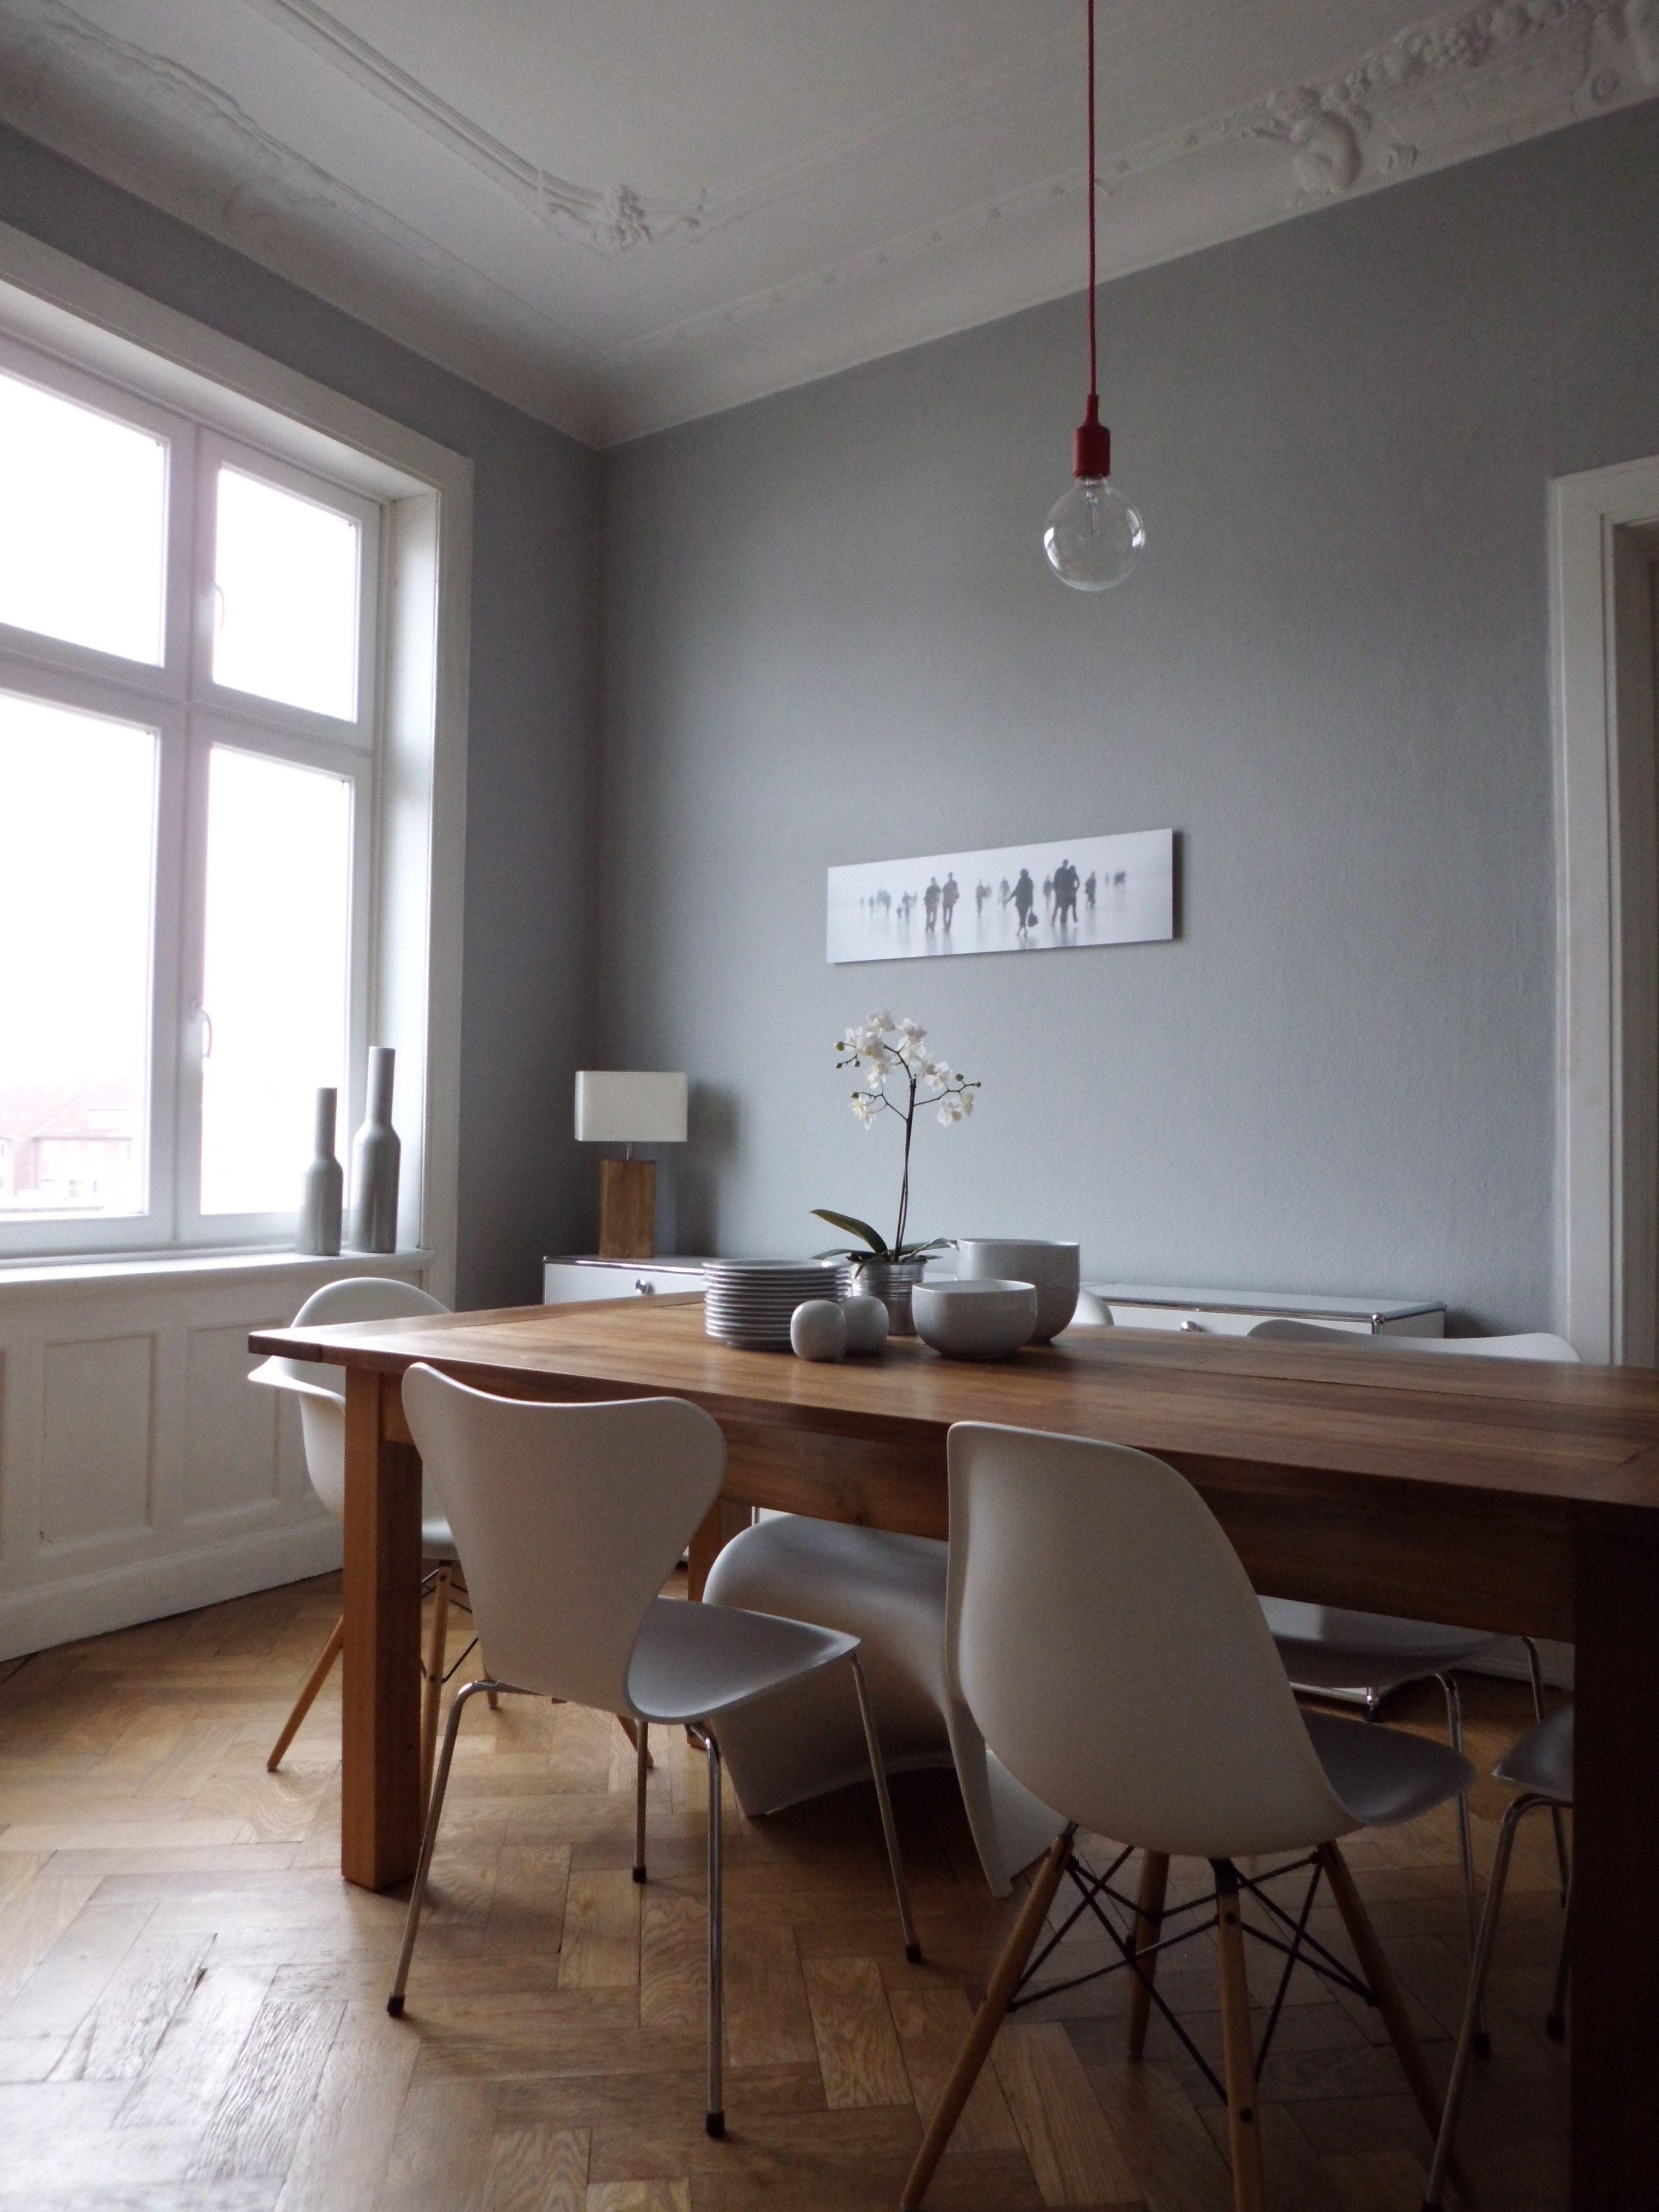 Esstisch Graue Wande Wohnzimmer Wohn Esszimmer Hausmobel